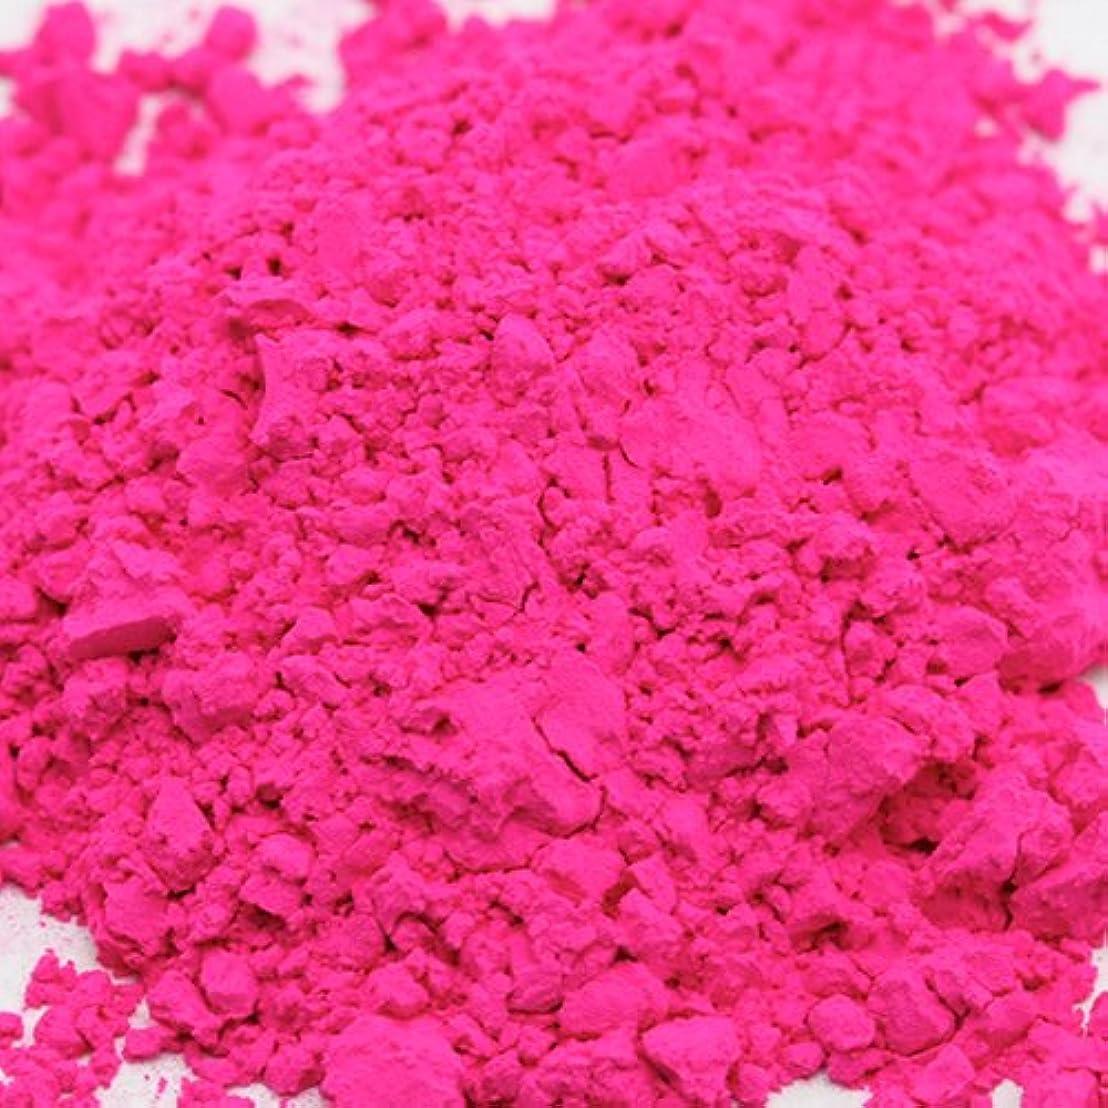 過敏な休憩遅滞キャンディカラー ピンク 20g 【手作り石鹸/手作りコスメ/色付け/カラーラント】